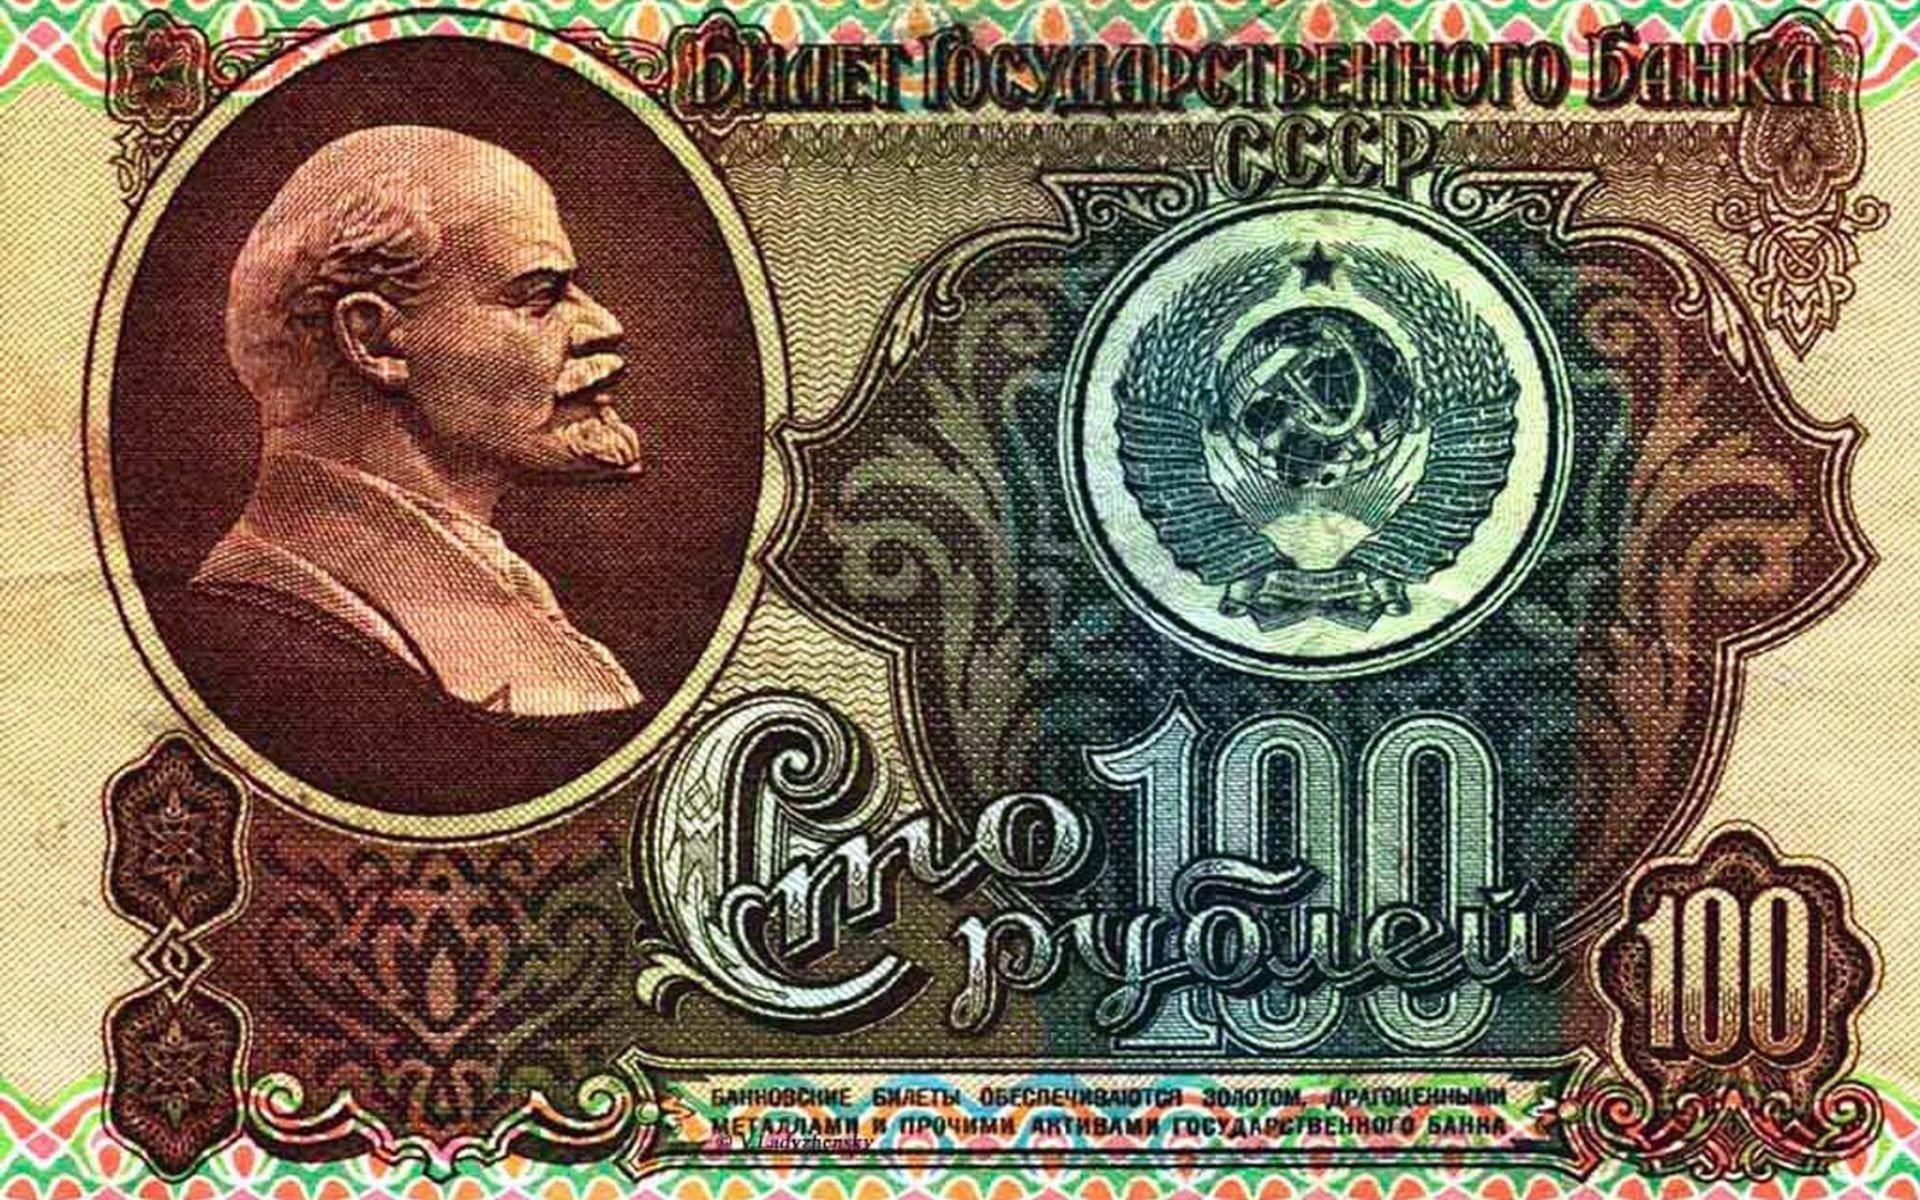 Что можно было купить и оплатить за рубли в СССР